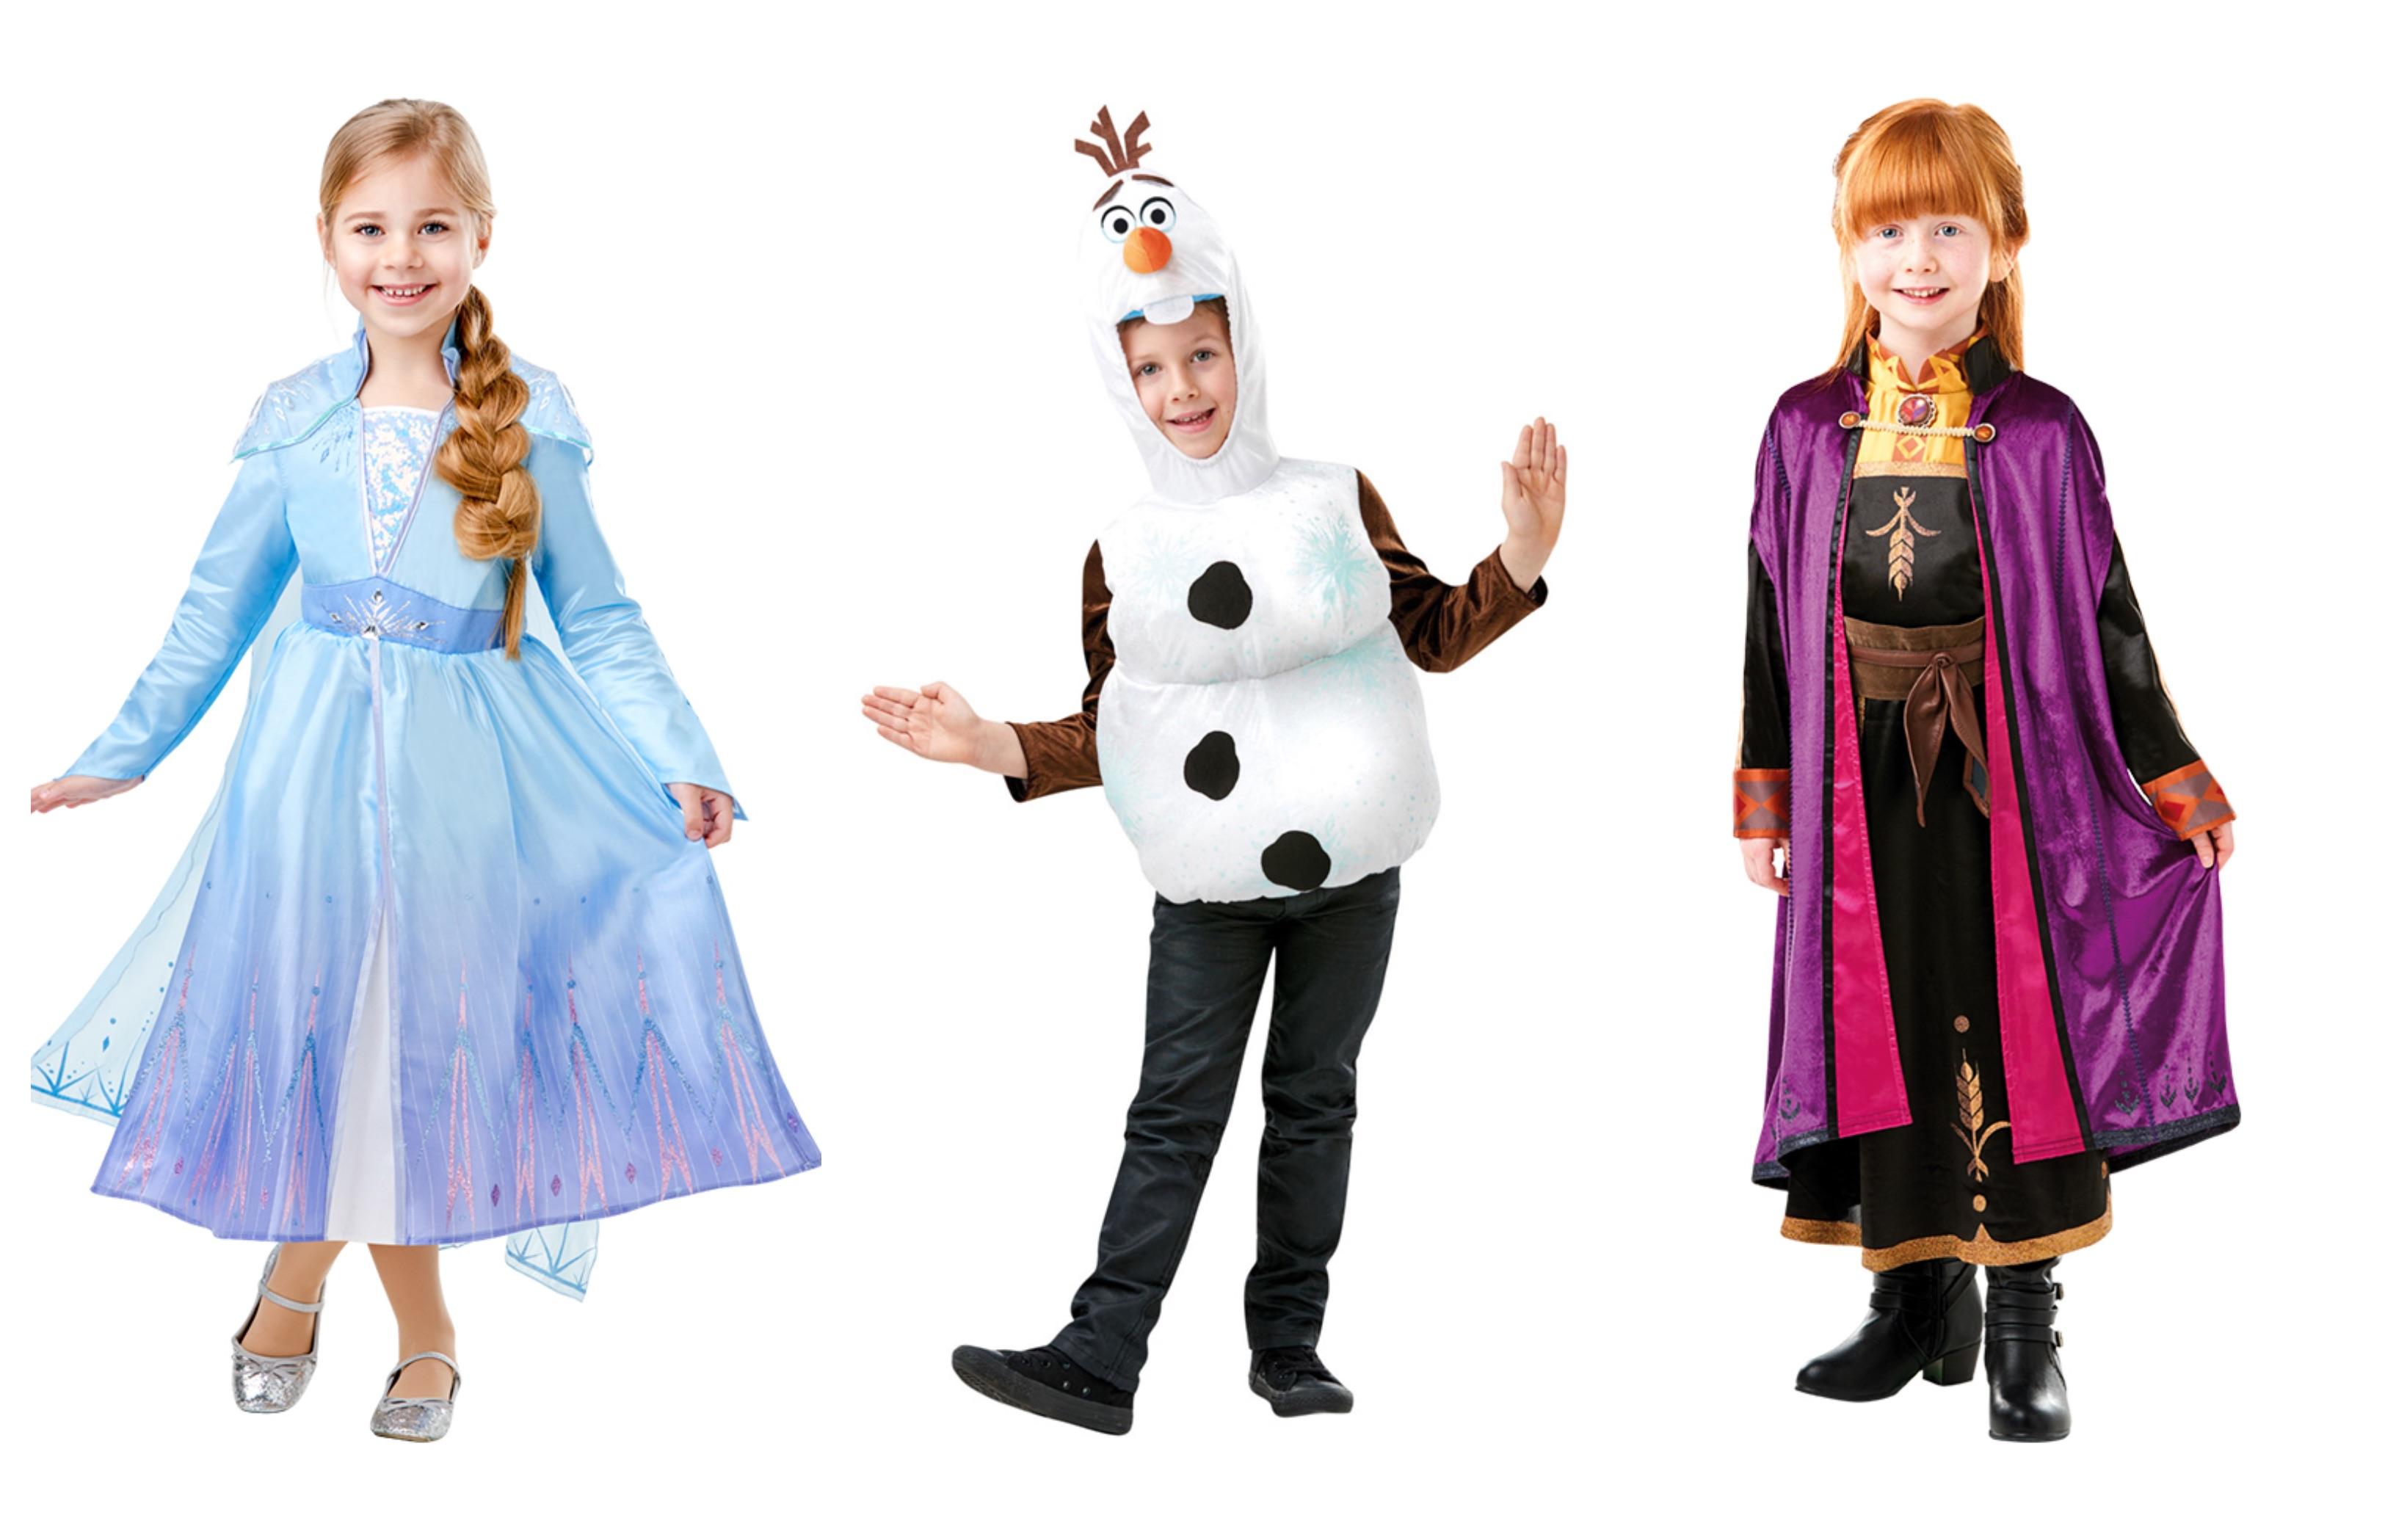 frost 2 børnekostumer, frost 2 kostumer, frost 2 kostume til børn, frozen 2 kostumer til børn, frost 2 udklædning til børn, frost 2 elsa kostume til børn, frost 2 anna kostume til børn, frost 2 elsa børnekostume, frost 2 anna børnekostume, disney kostume til børn, disney prinsesse kostume til børn